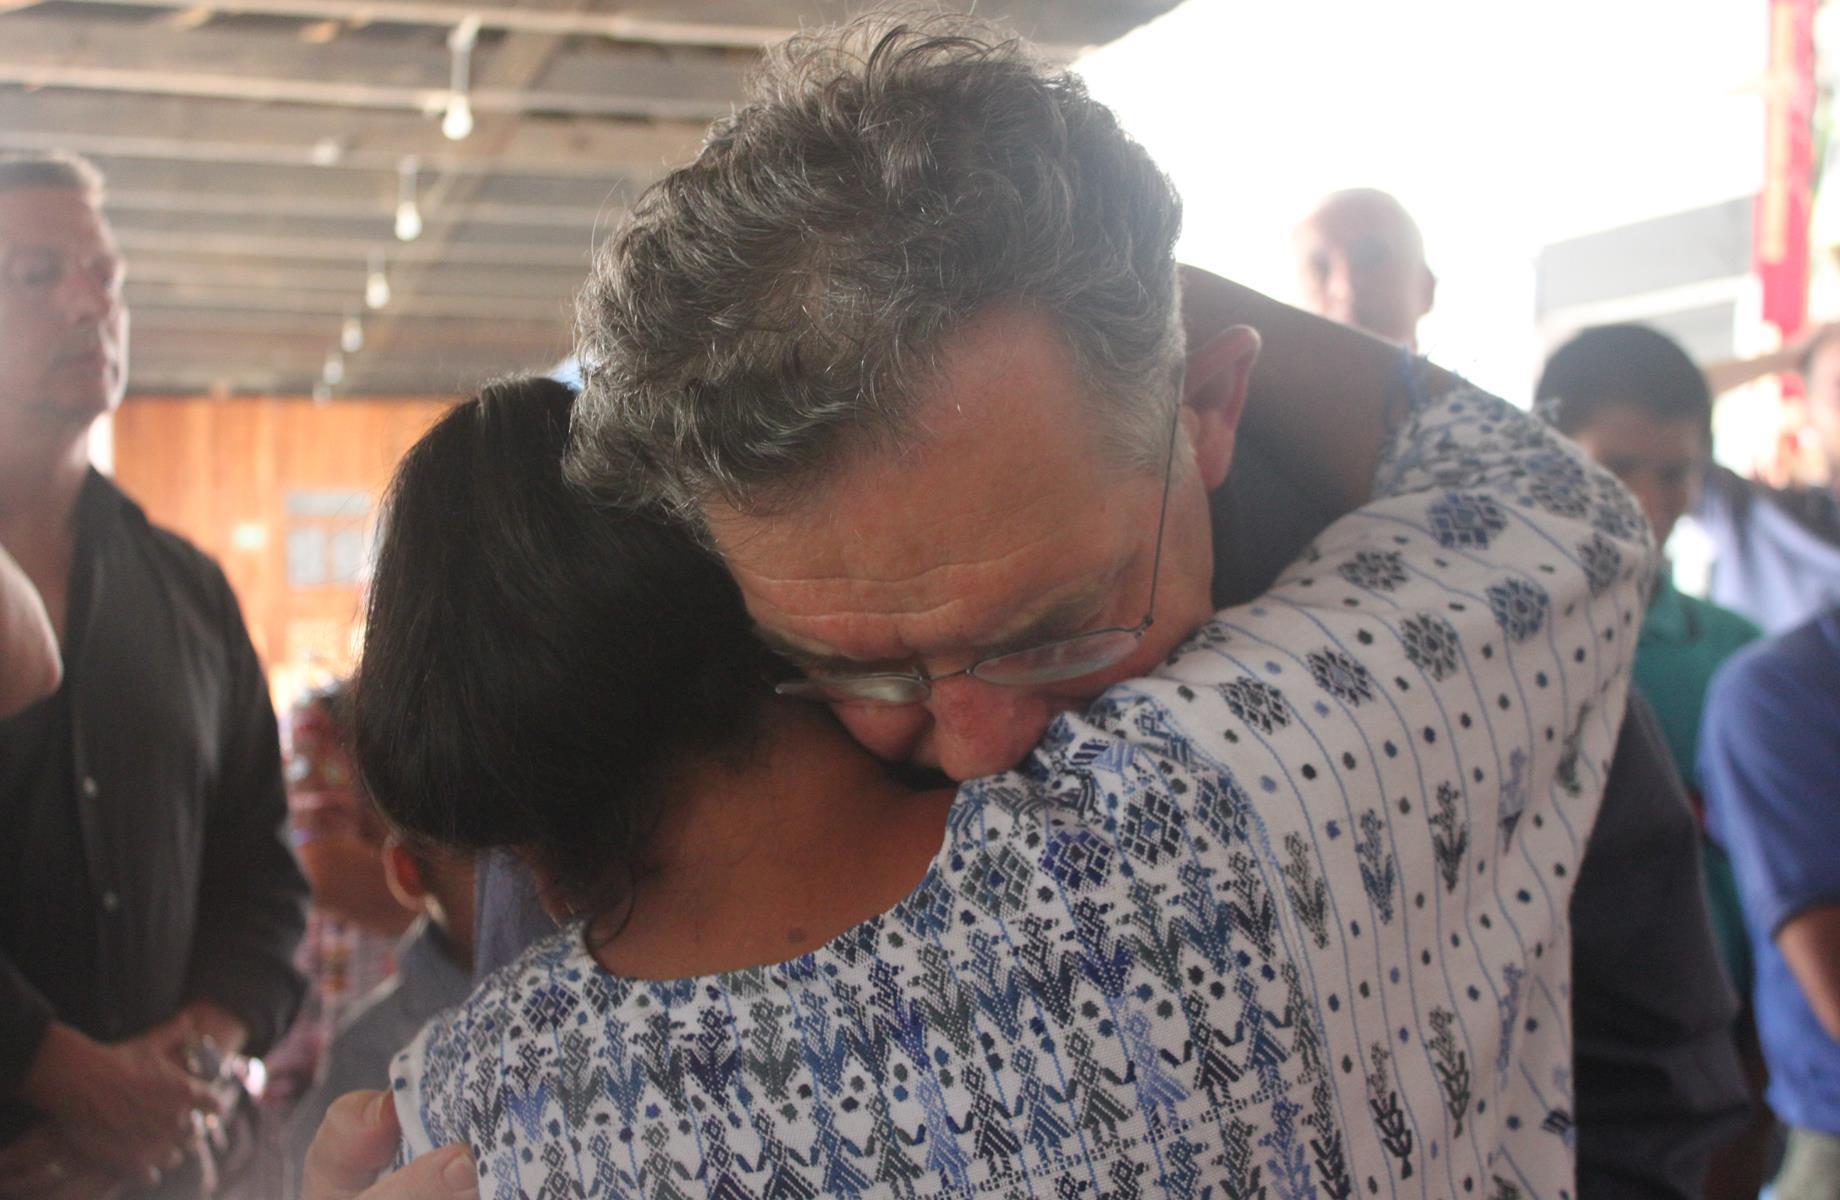 Mgr. Jousten embraces a grieving villager